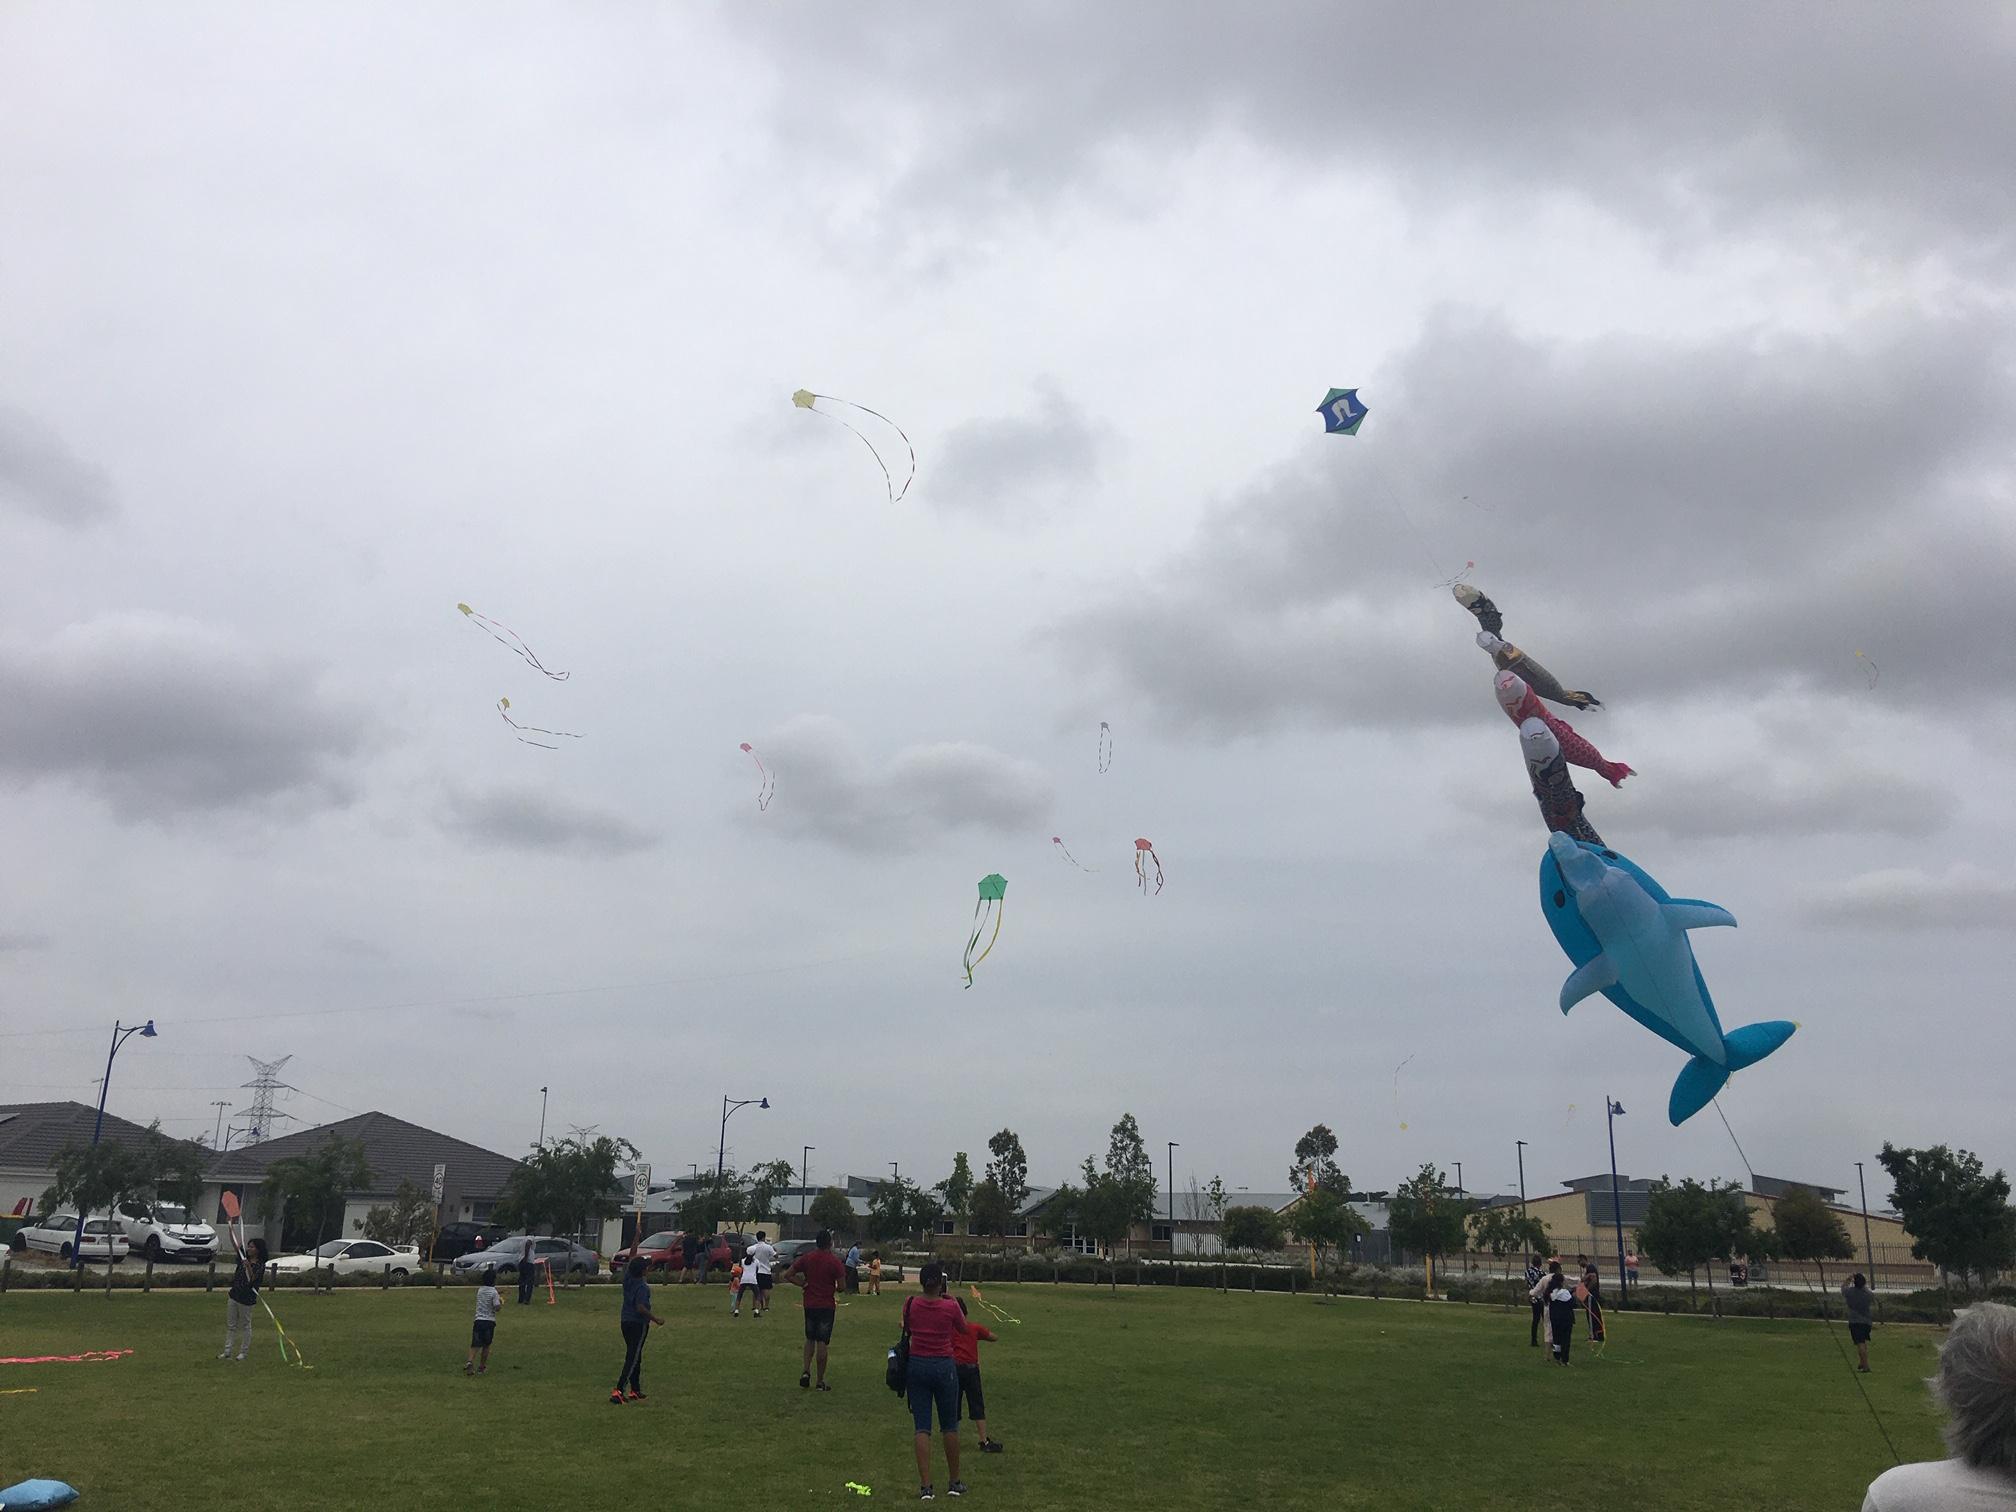 kite-flying-large-kites